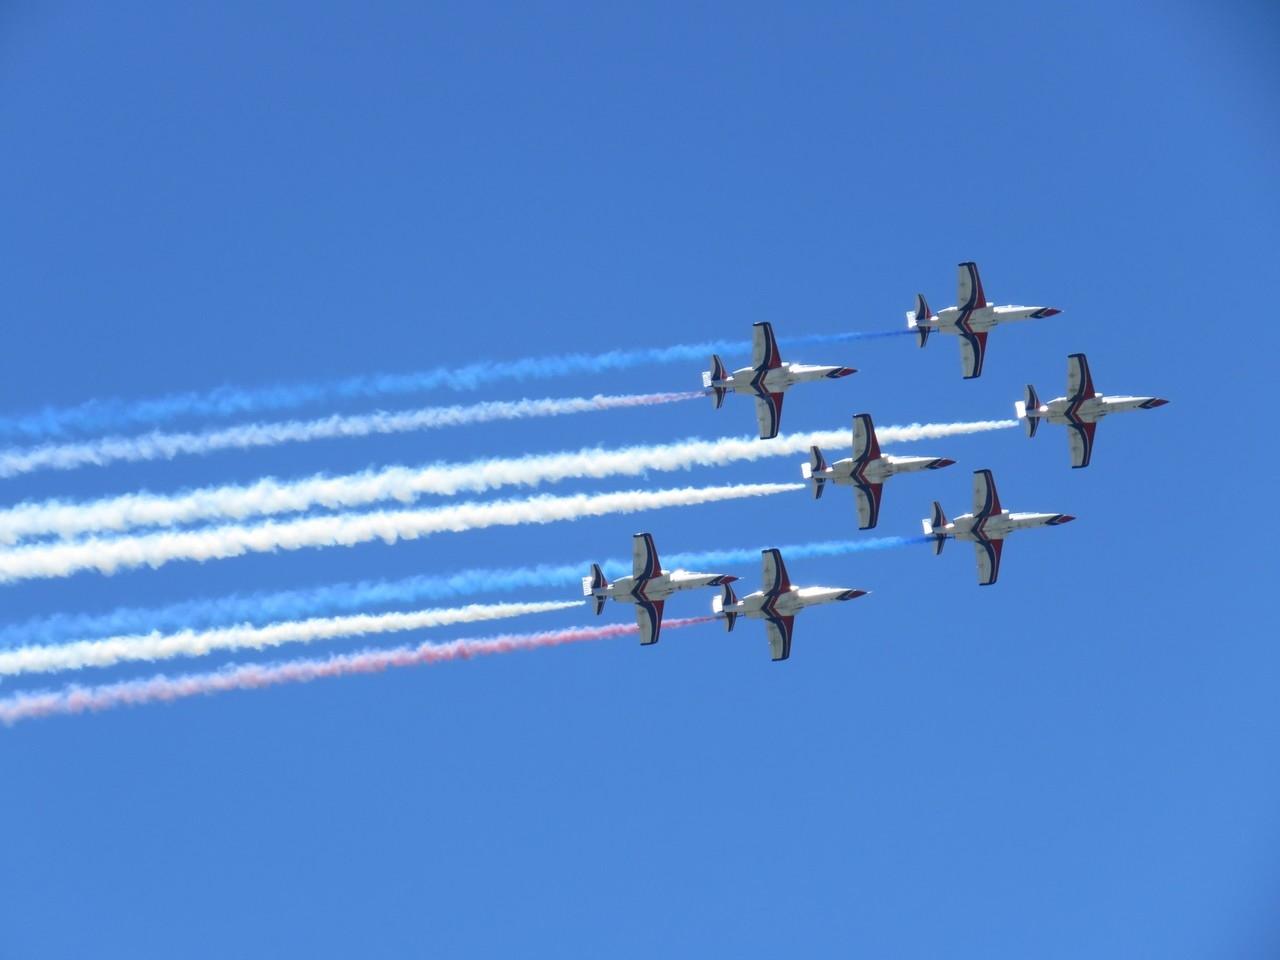 雷虎小組7機編隊飛行,獲得現場如雷掌聲。記者尤聰光/攝影